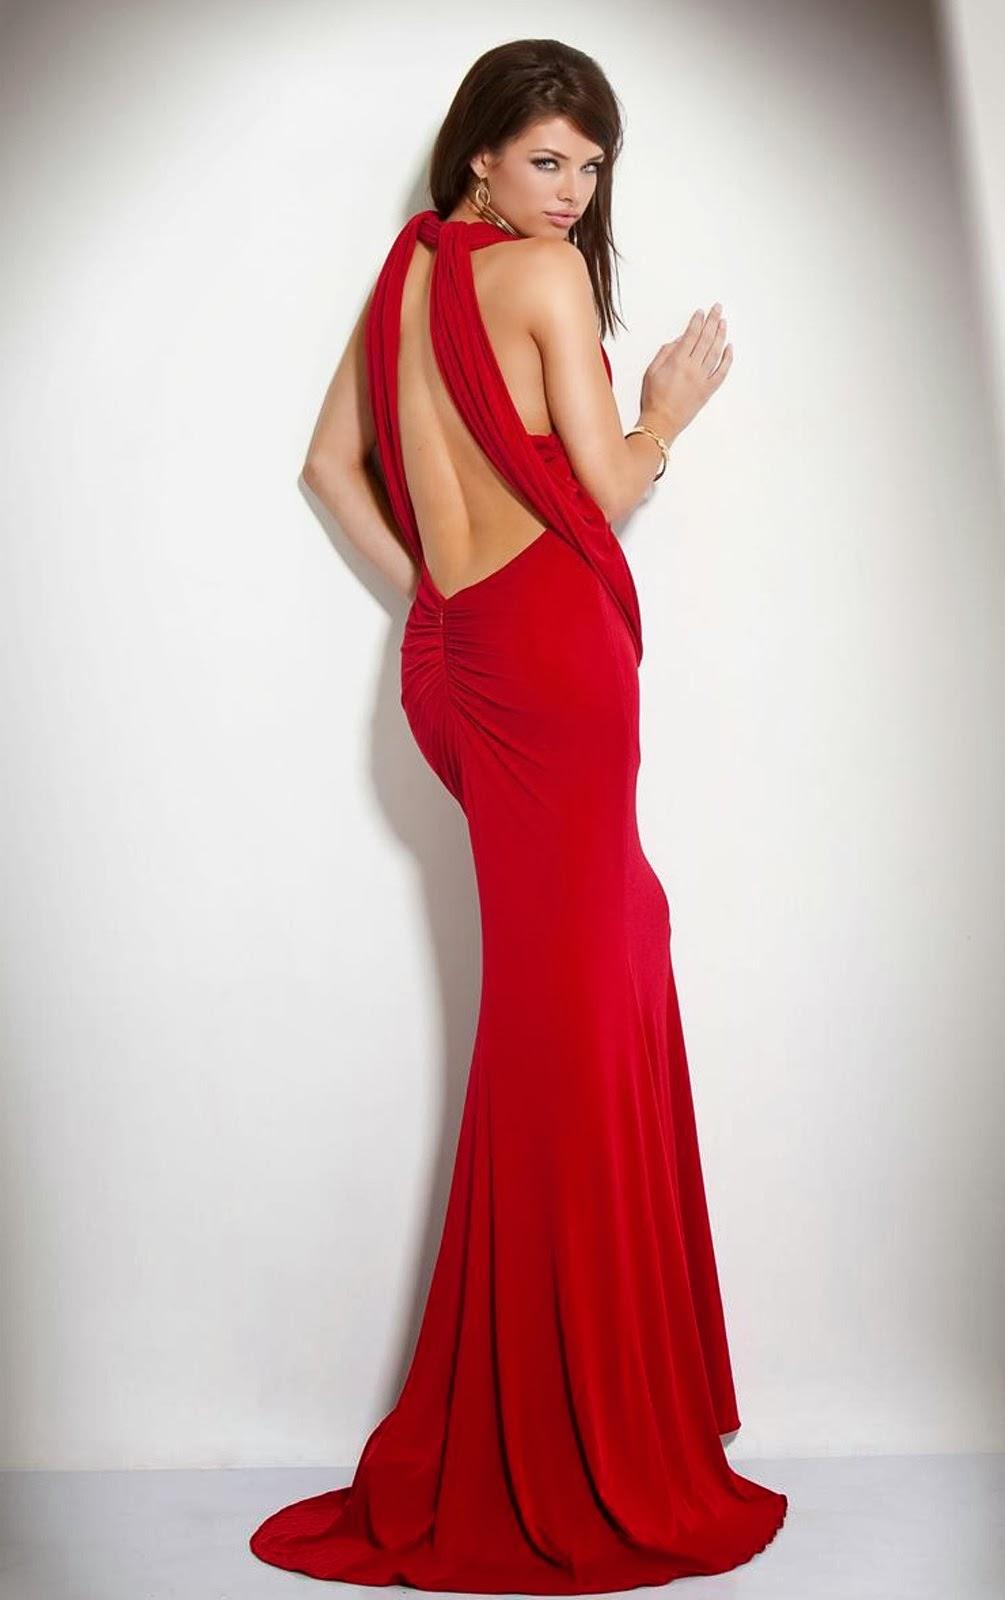 21 Εξώπλατα φορέματα - Δυναμική Γυναίκα 4bb1bb495d7